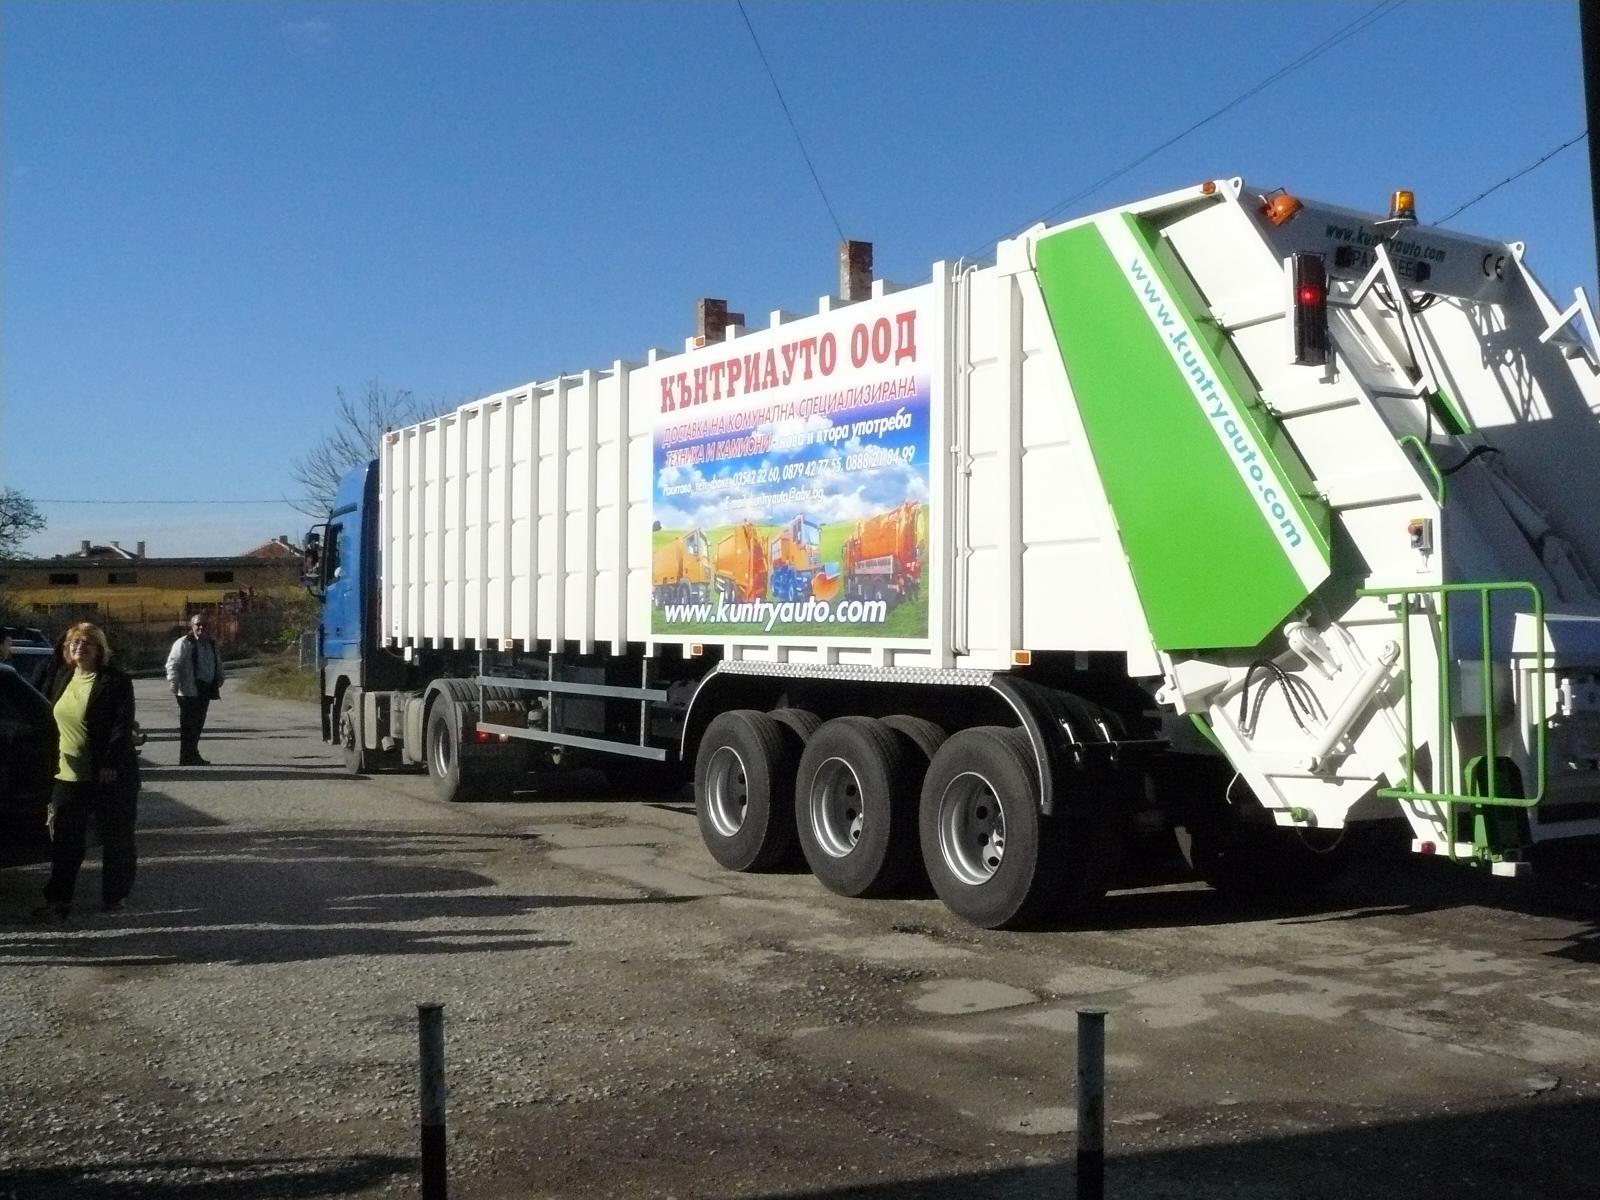 Нашата община единствена с машина за пресоване на боклук